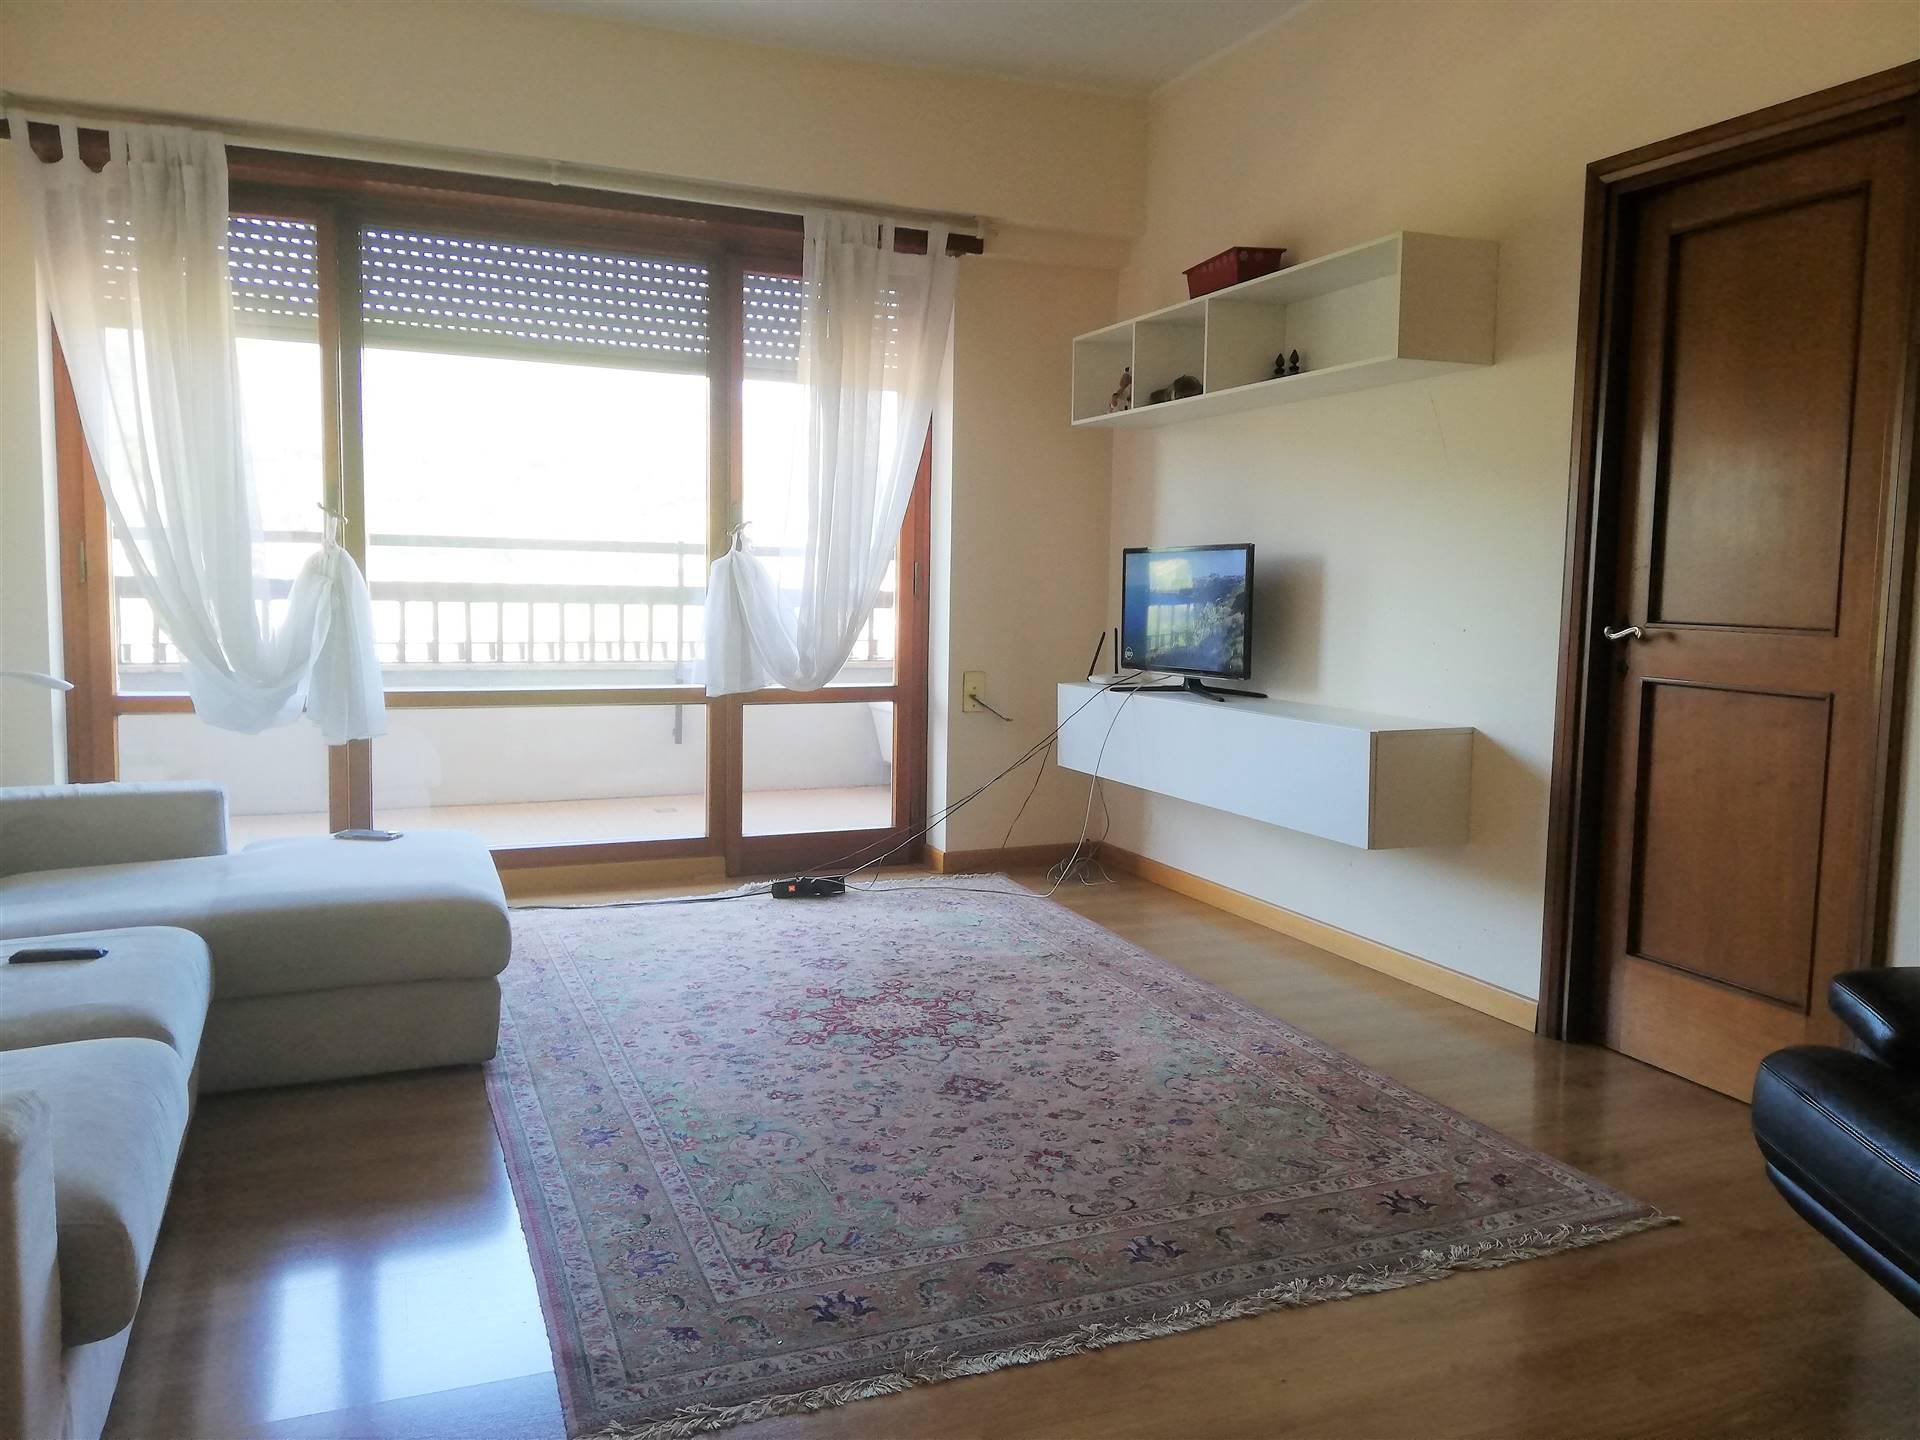 Appartamento in vendita a Terni, 5 locali, zona ro, prezzo € 165.000 | PortaleAgenzieImmobiliari.it